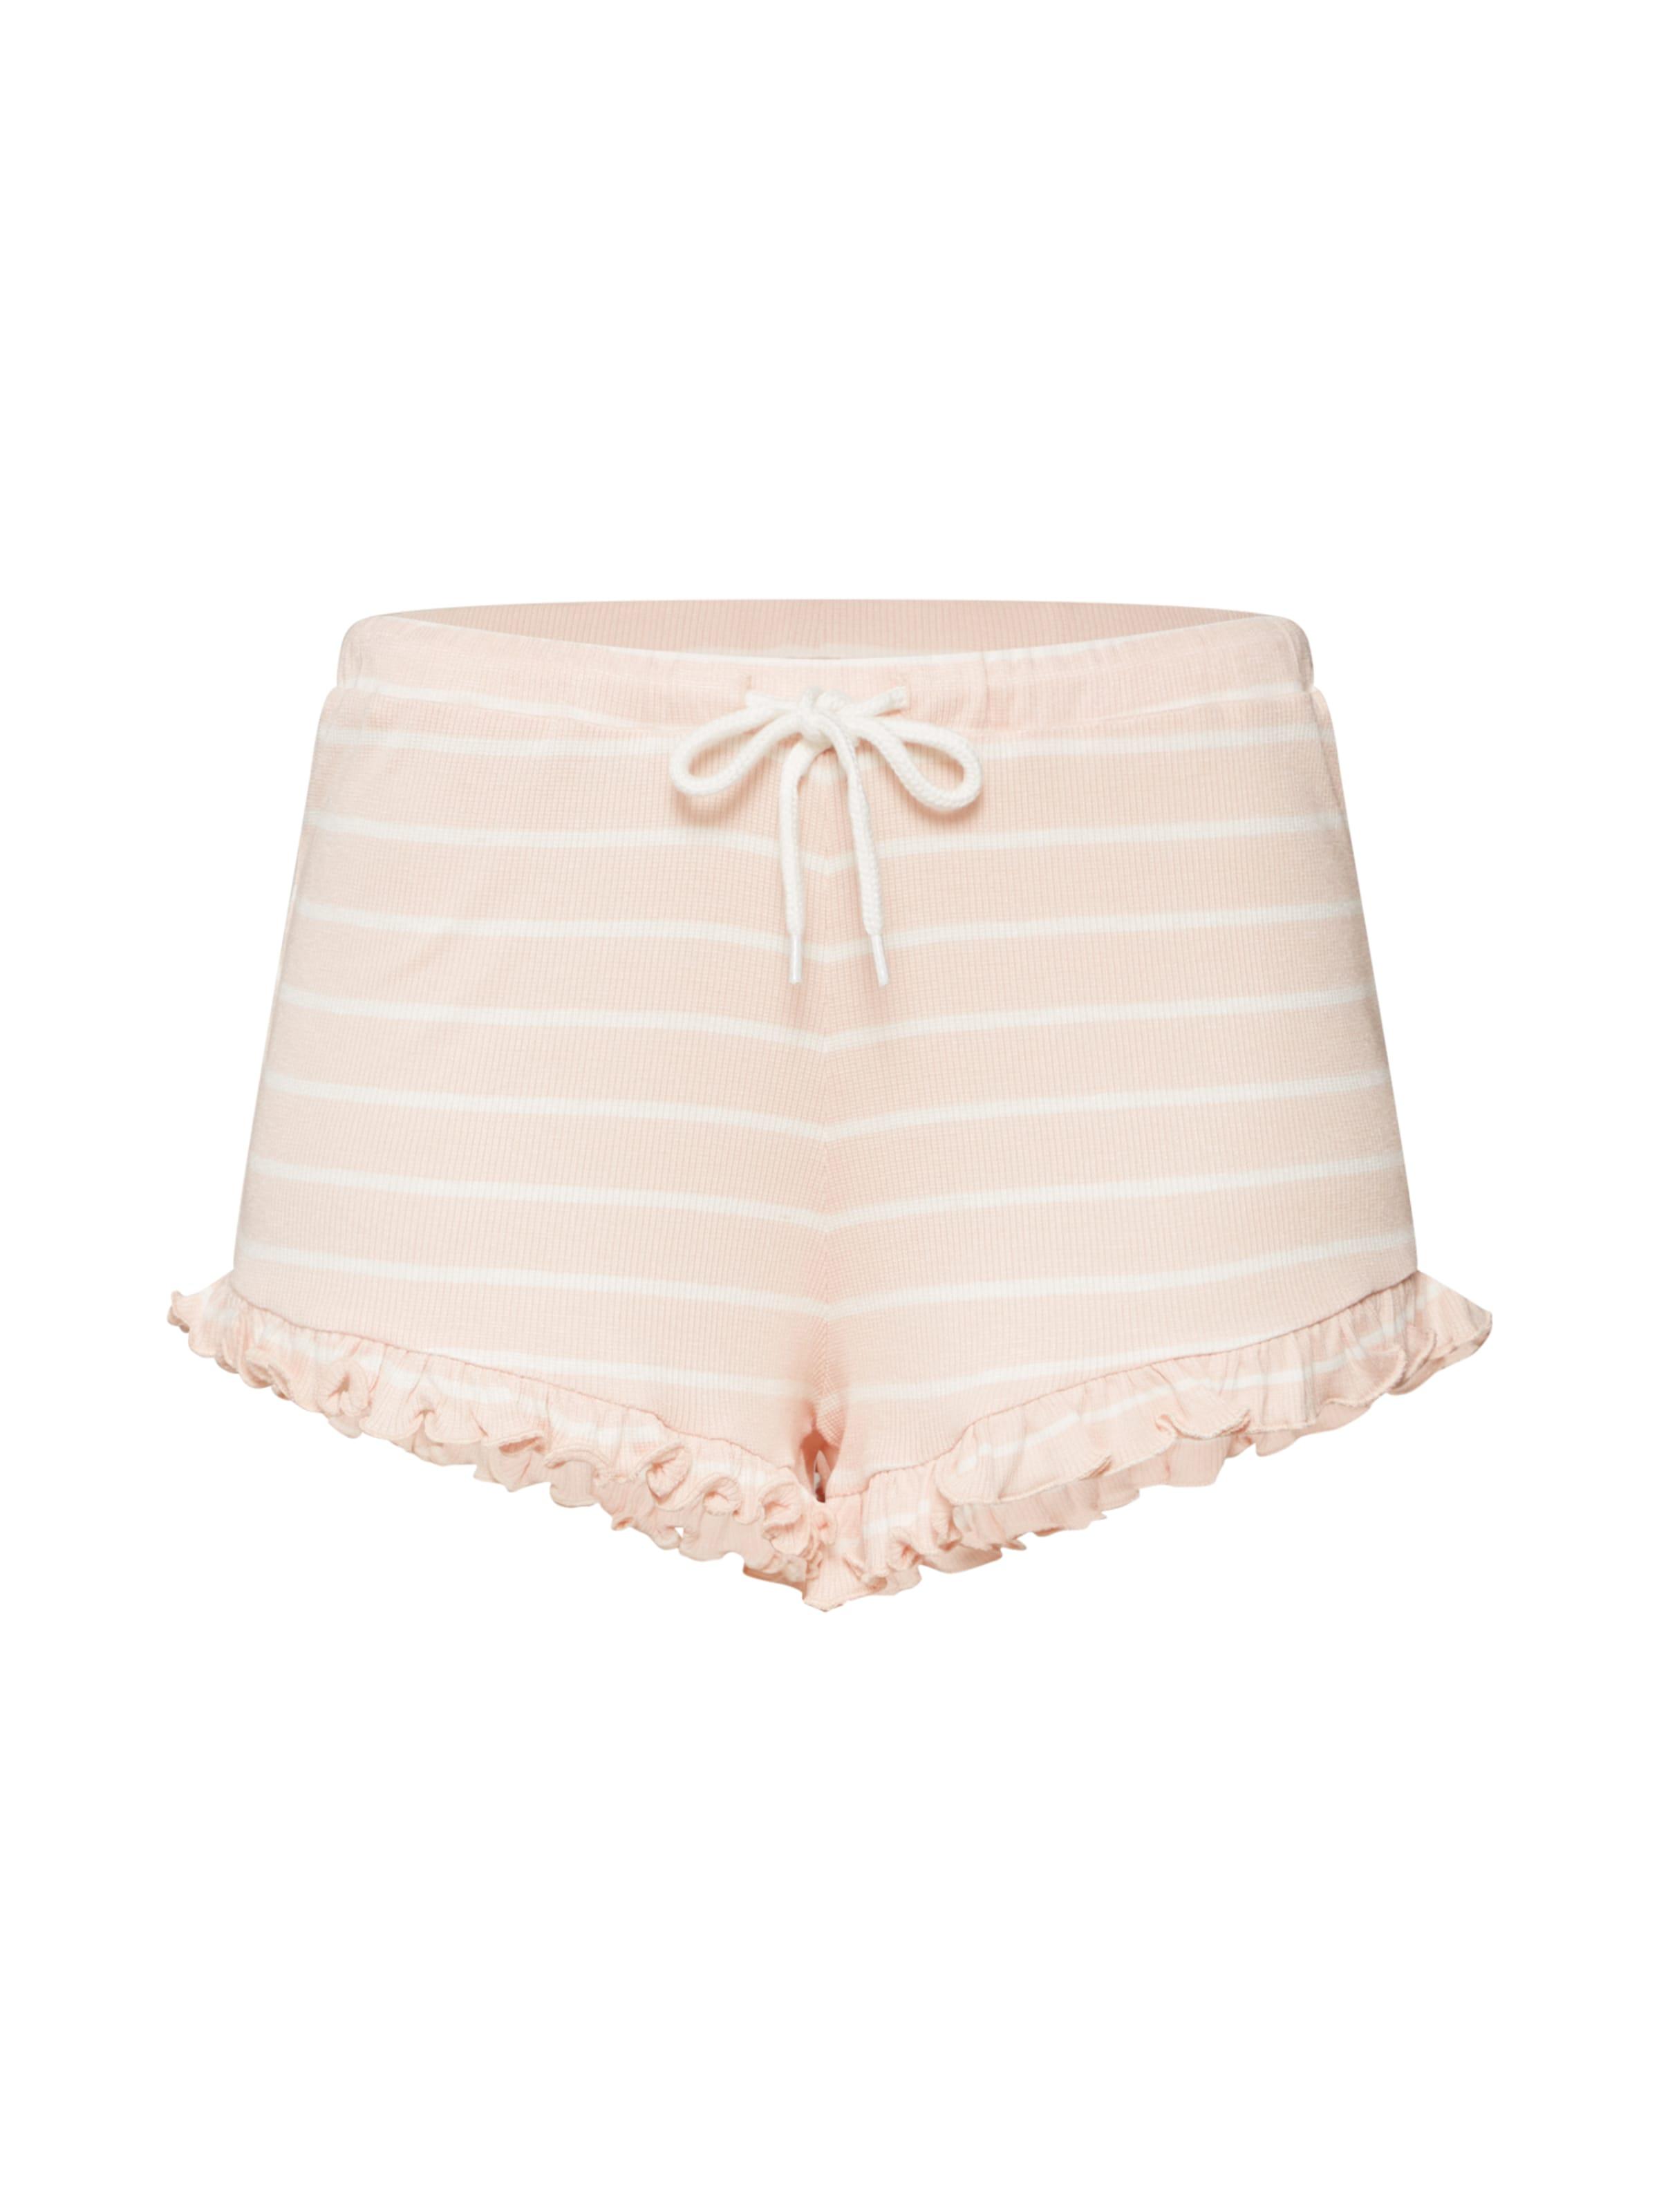 Pantalon Review D 'ruffle jersey Rose Str En Short Hose' uPXikZ